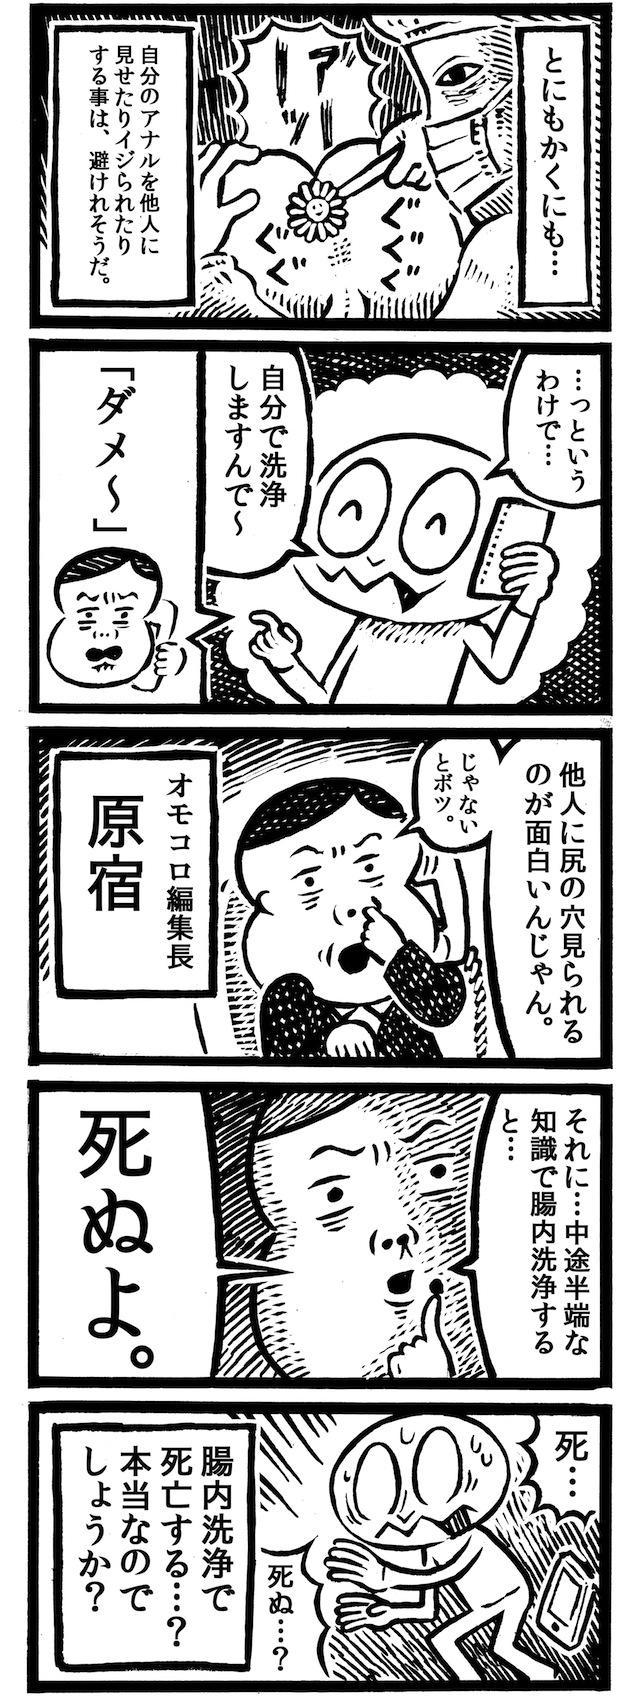 腸内洗浄-02